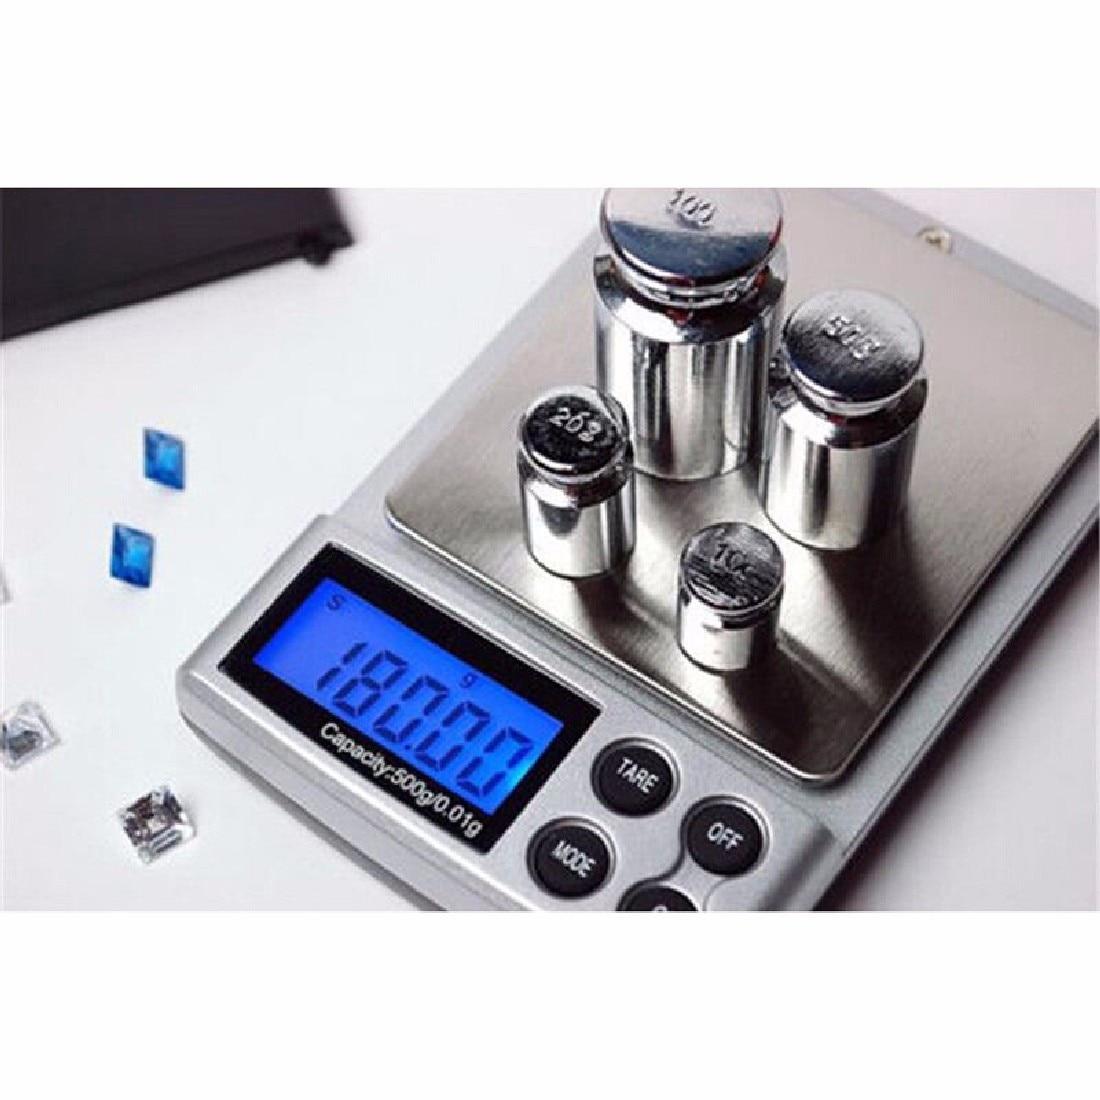 1vnt 500g x 0,01g skaitmeninės tikslios skalės aukso sidabro - Matavimo prietaisai - Nuotrauka 6